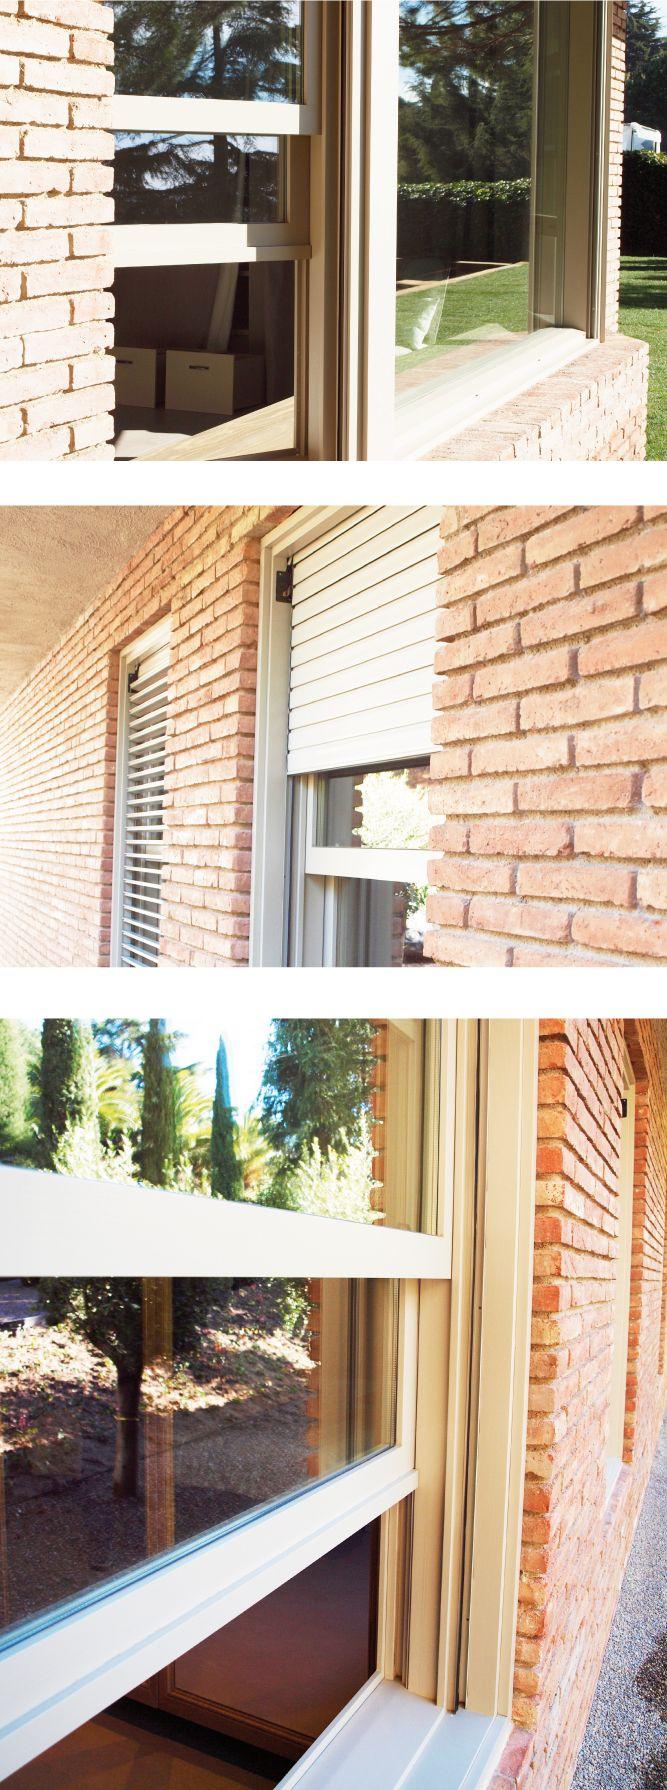 Nuevo proyecto ventanas - Aire puro sin obstáculos